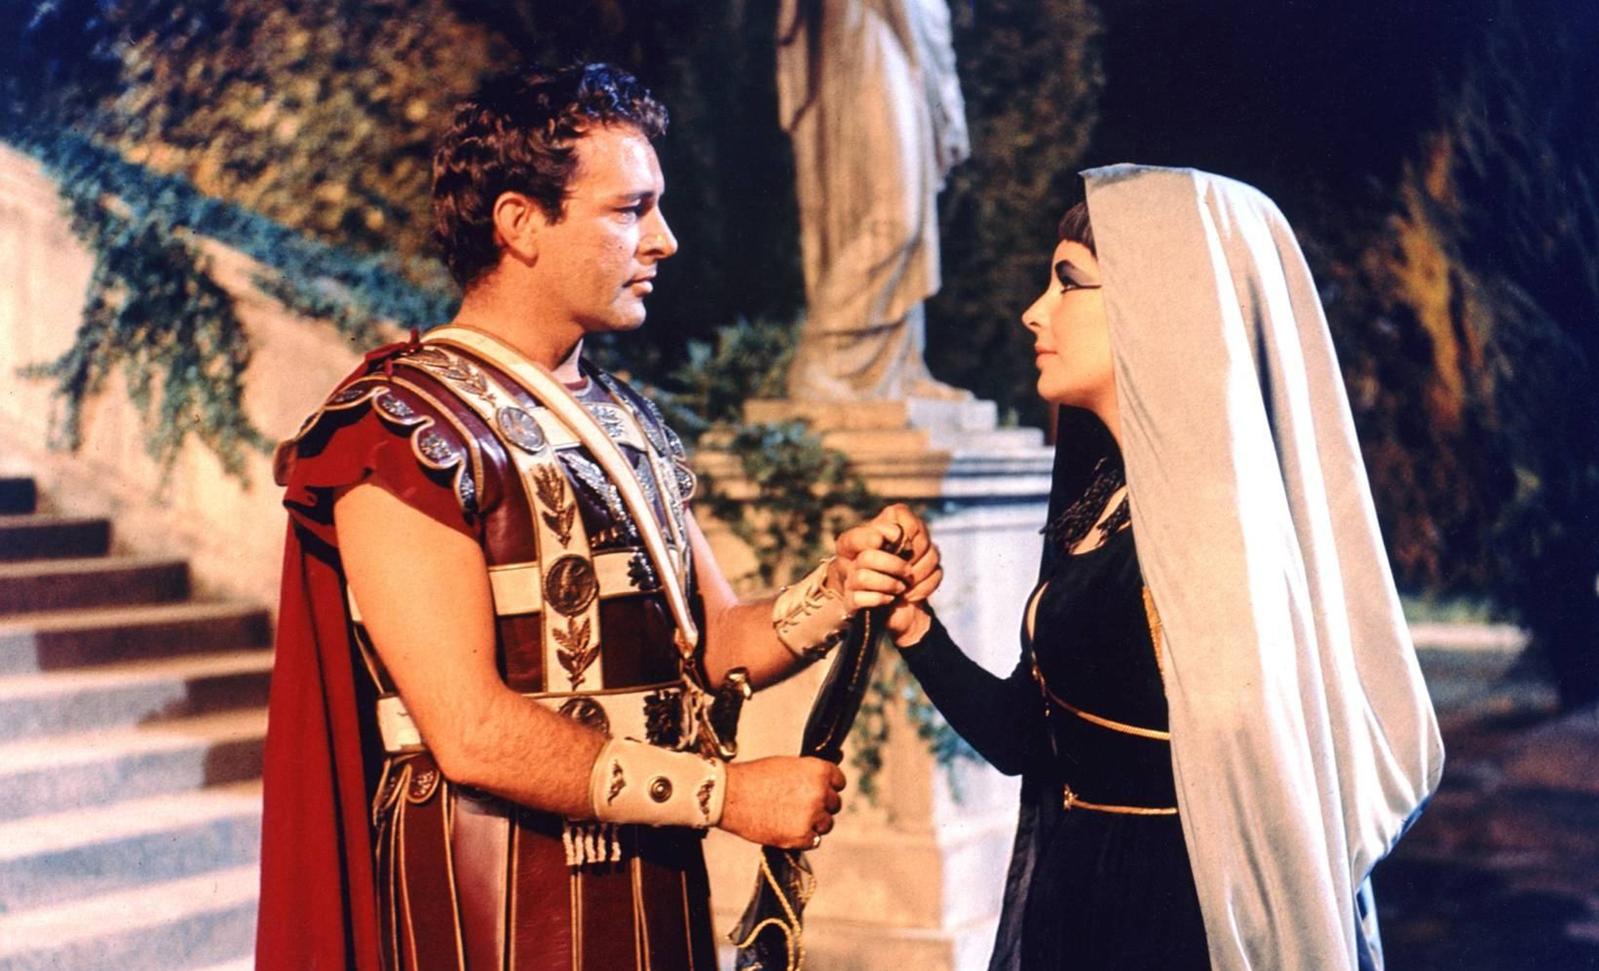 零投资网上赚钱:好莱坞离婚次数最多的明星,被誉为埃及艳后,私底下却情史泛滥